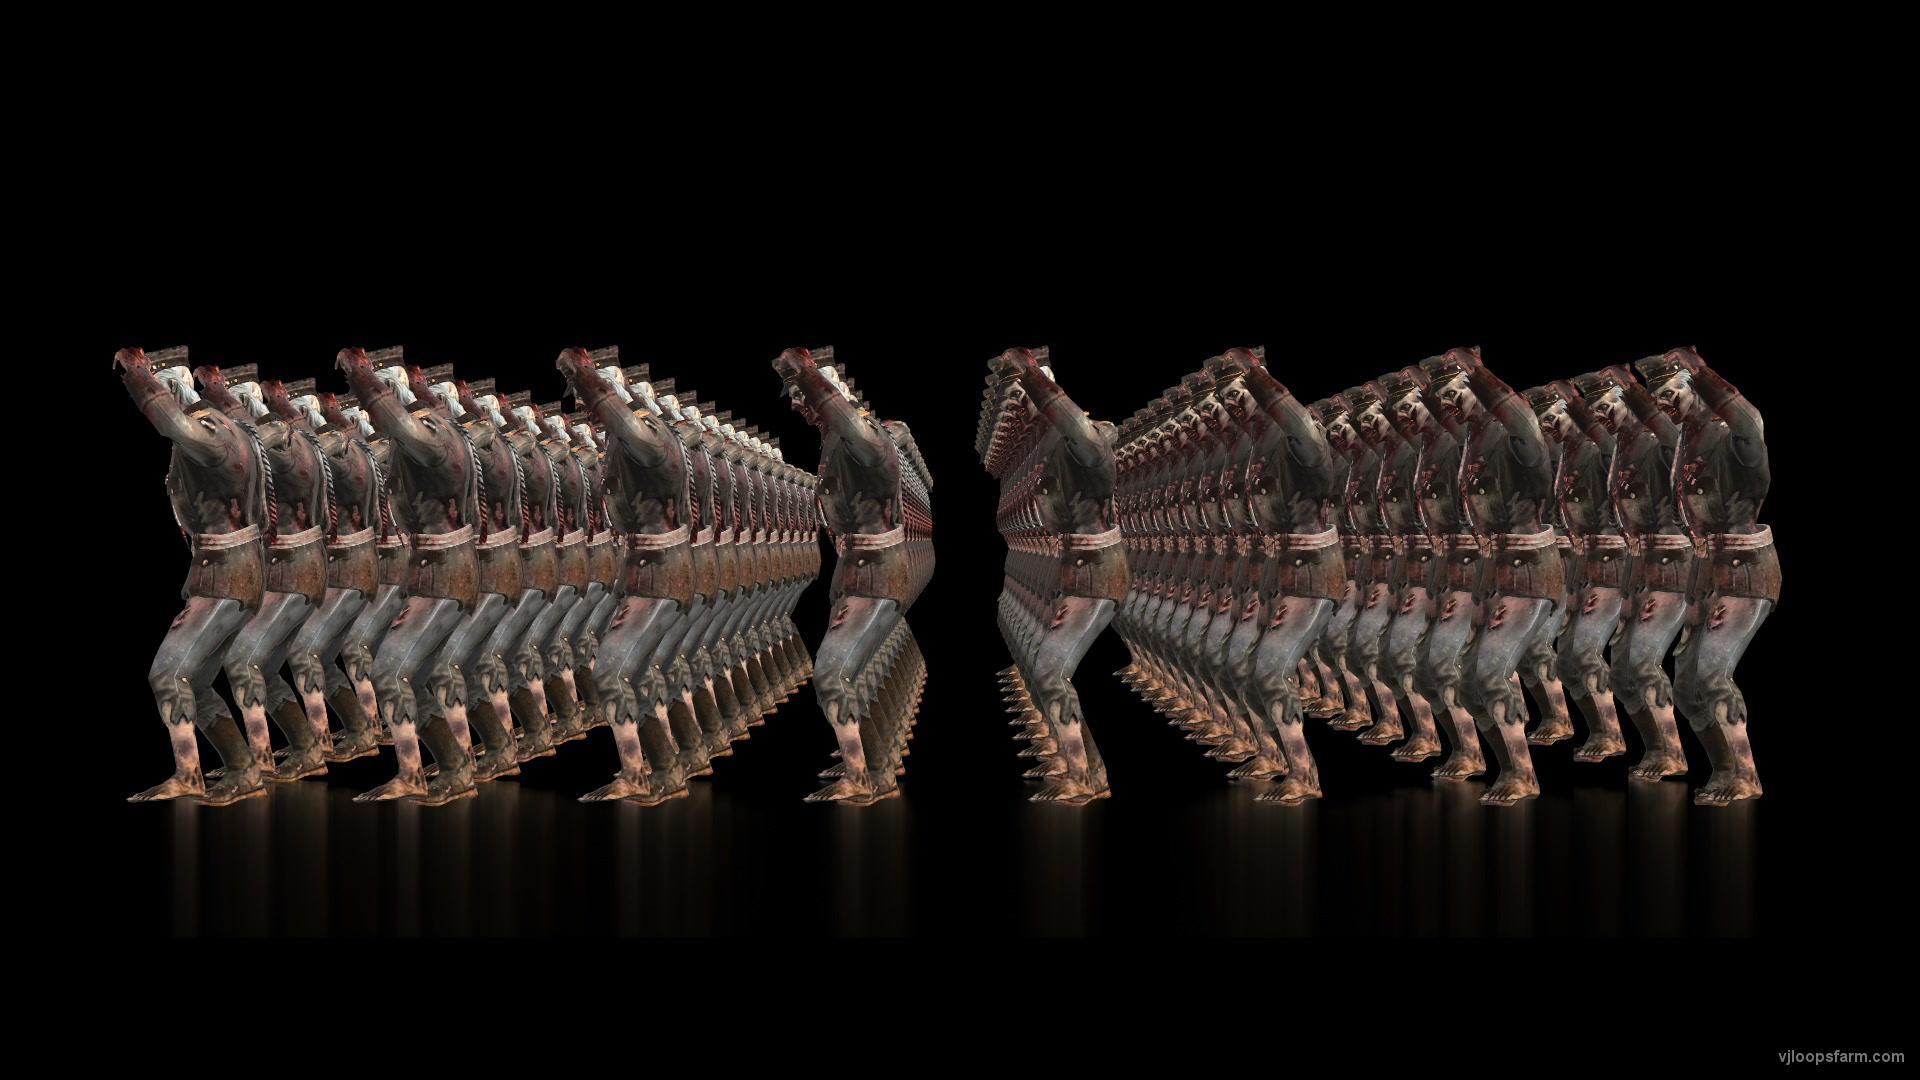 vj video background Zombie-Army-Dancing-Full-Frame-Visuals-Full-HD-VJ-Loop_003